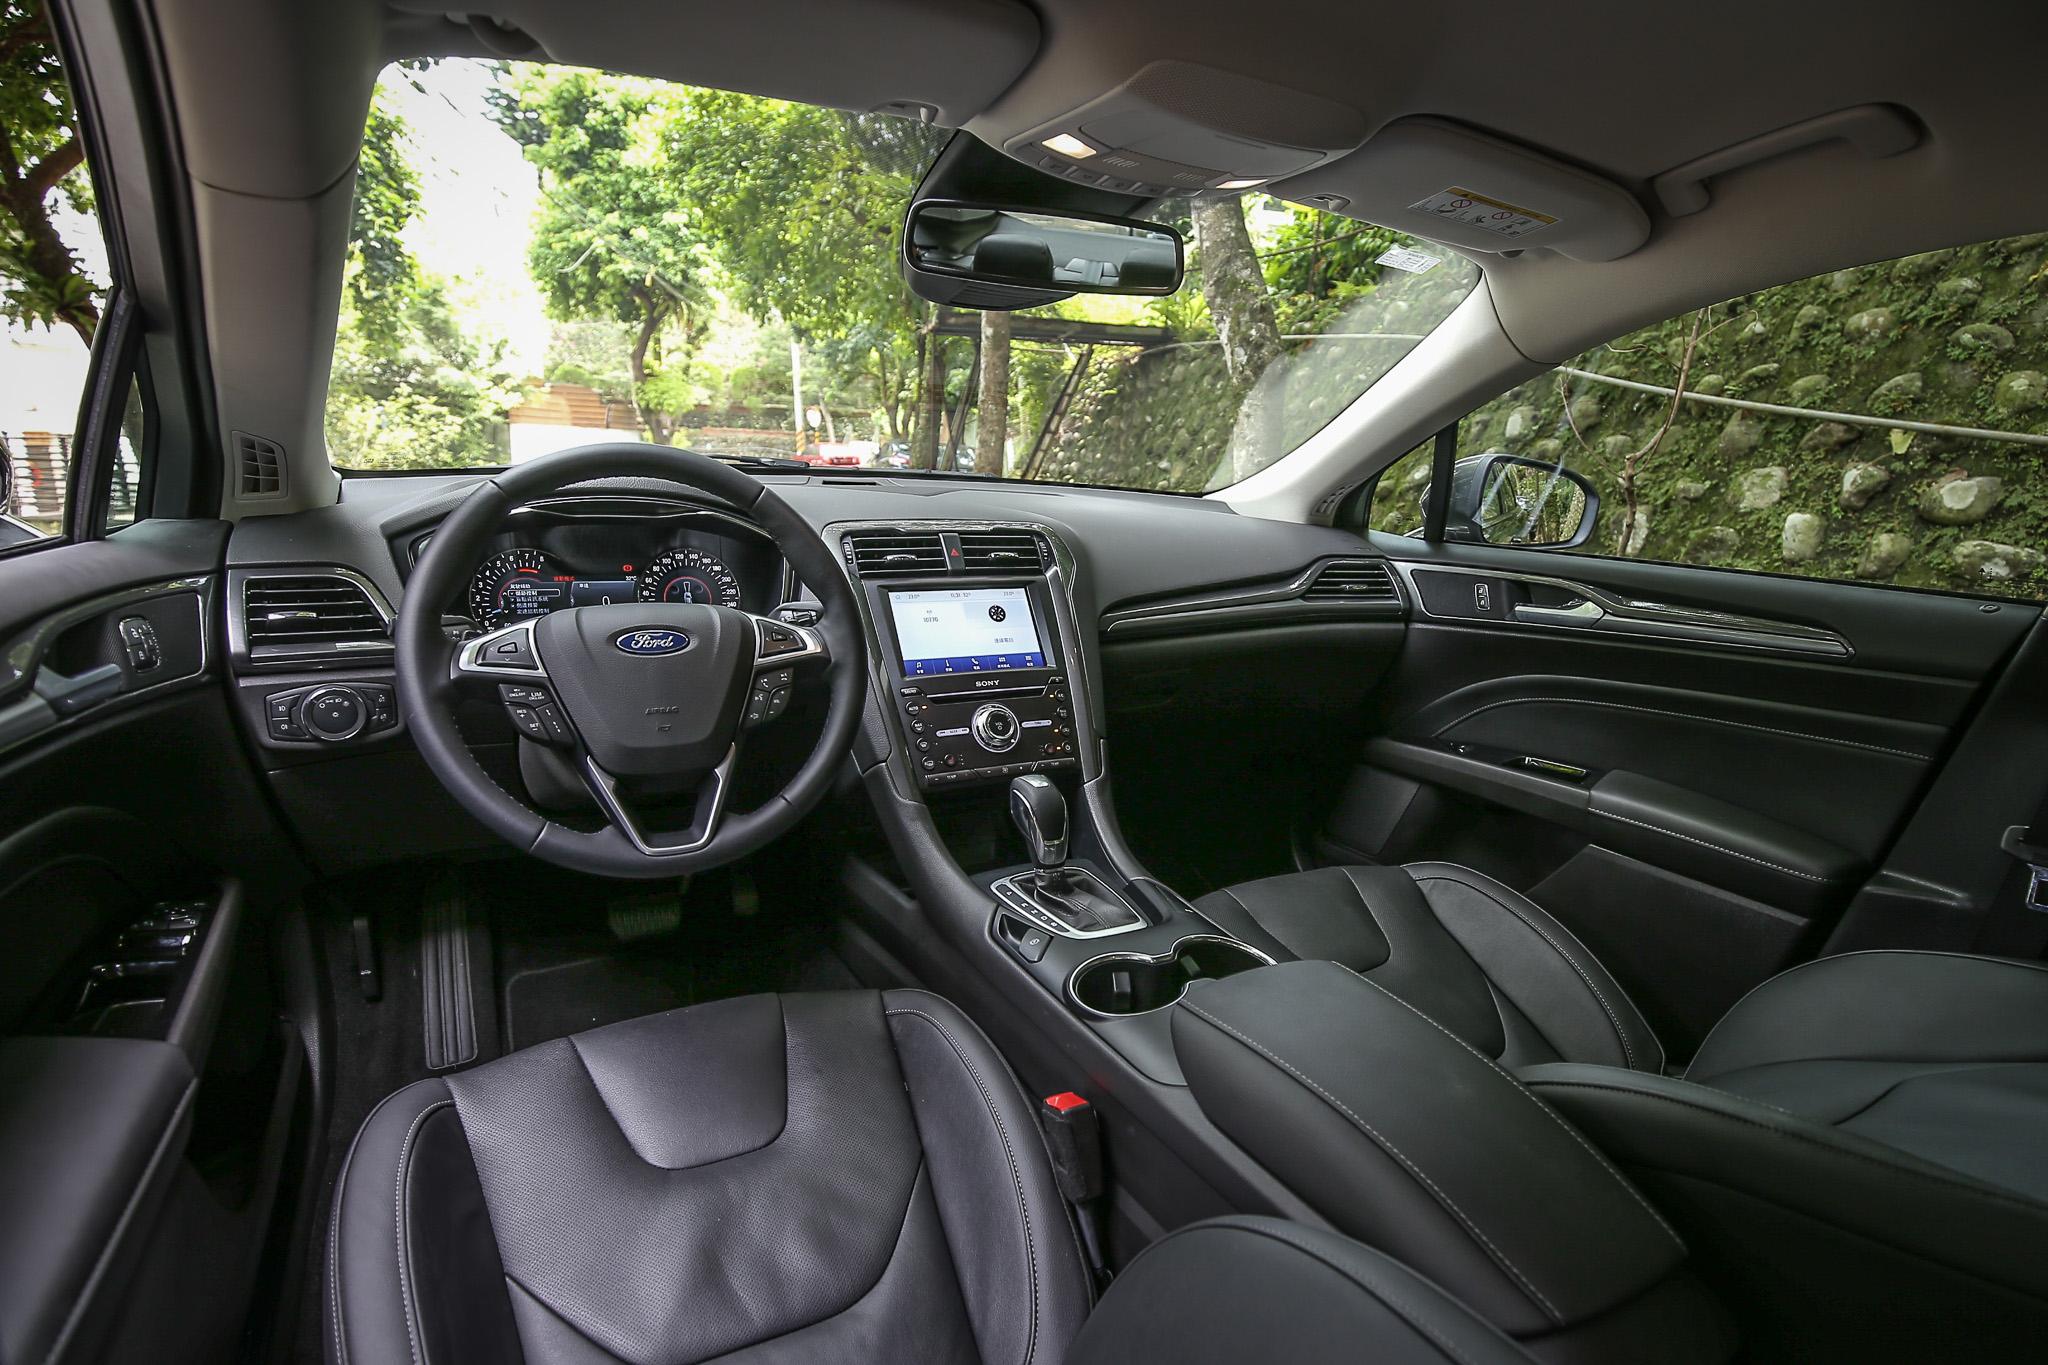 寬敞的車室空間與夠水準的質感鋪陳,讓 Mondeo 珍藏型仍具競爭力